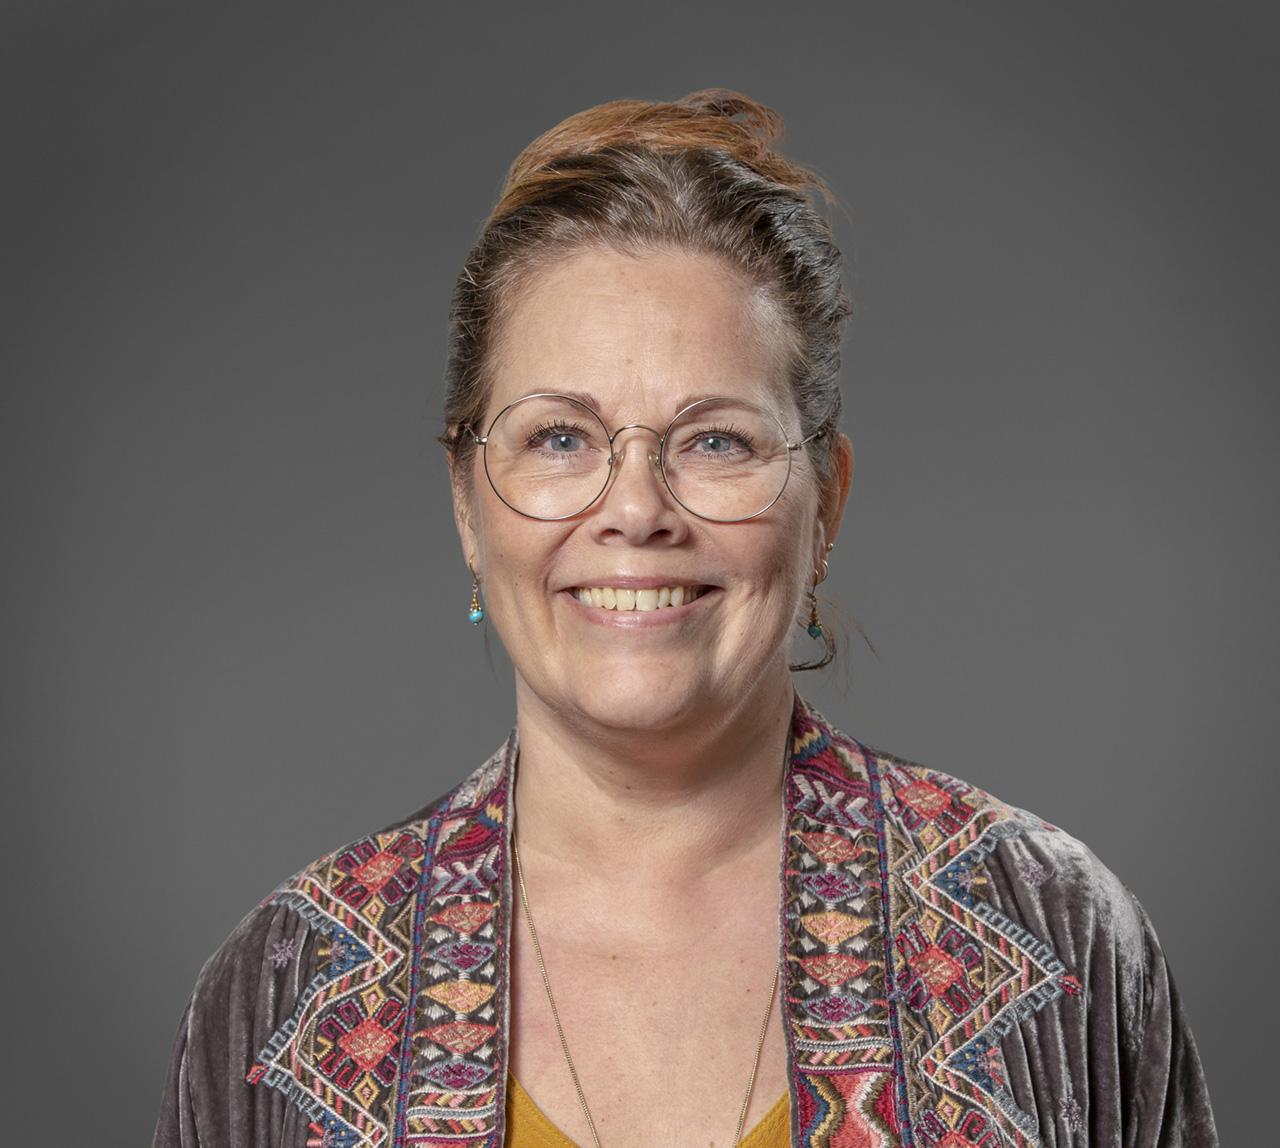 Eva Rännar